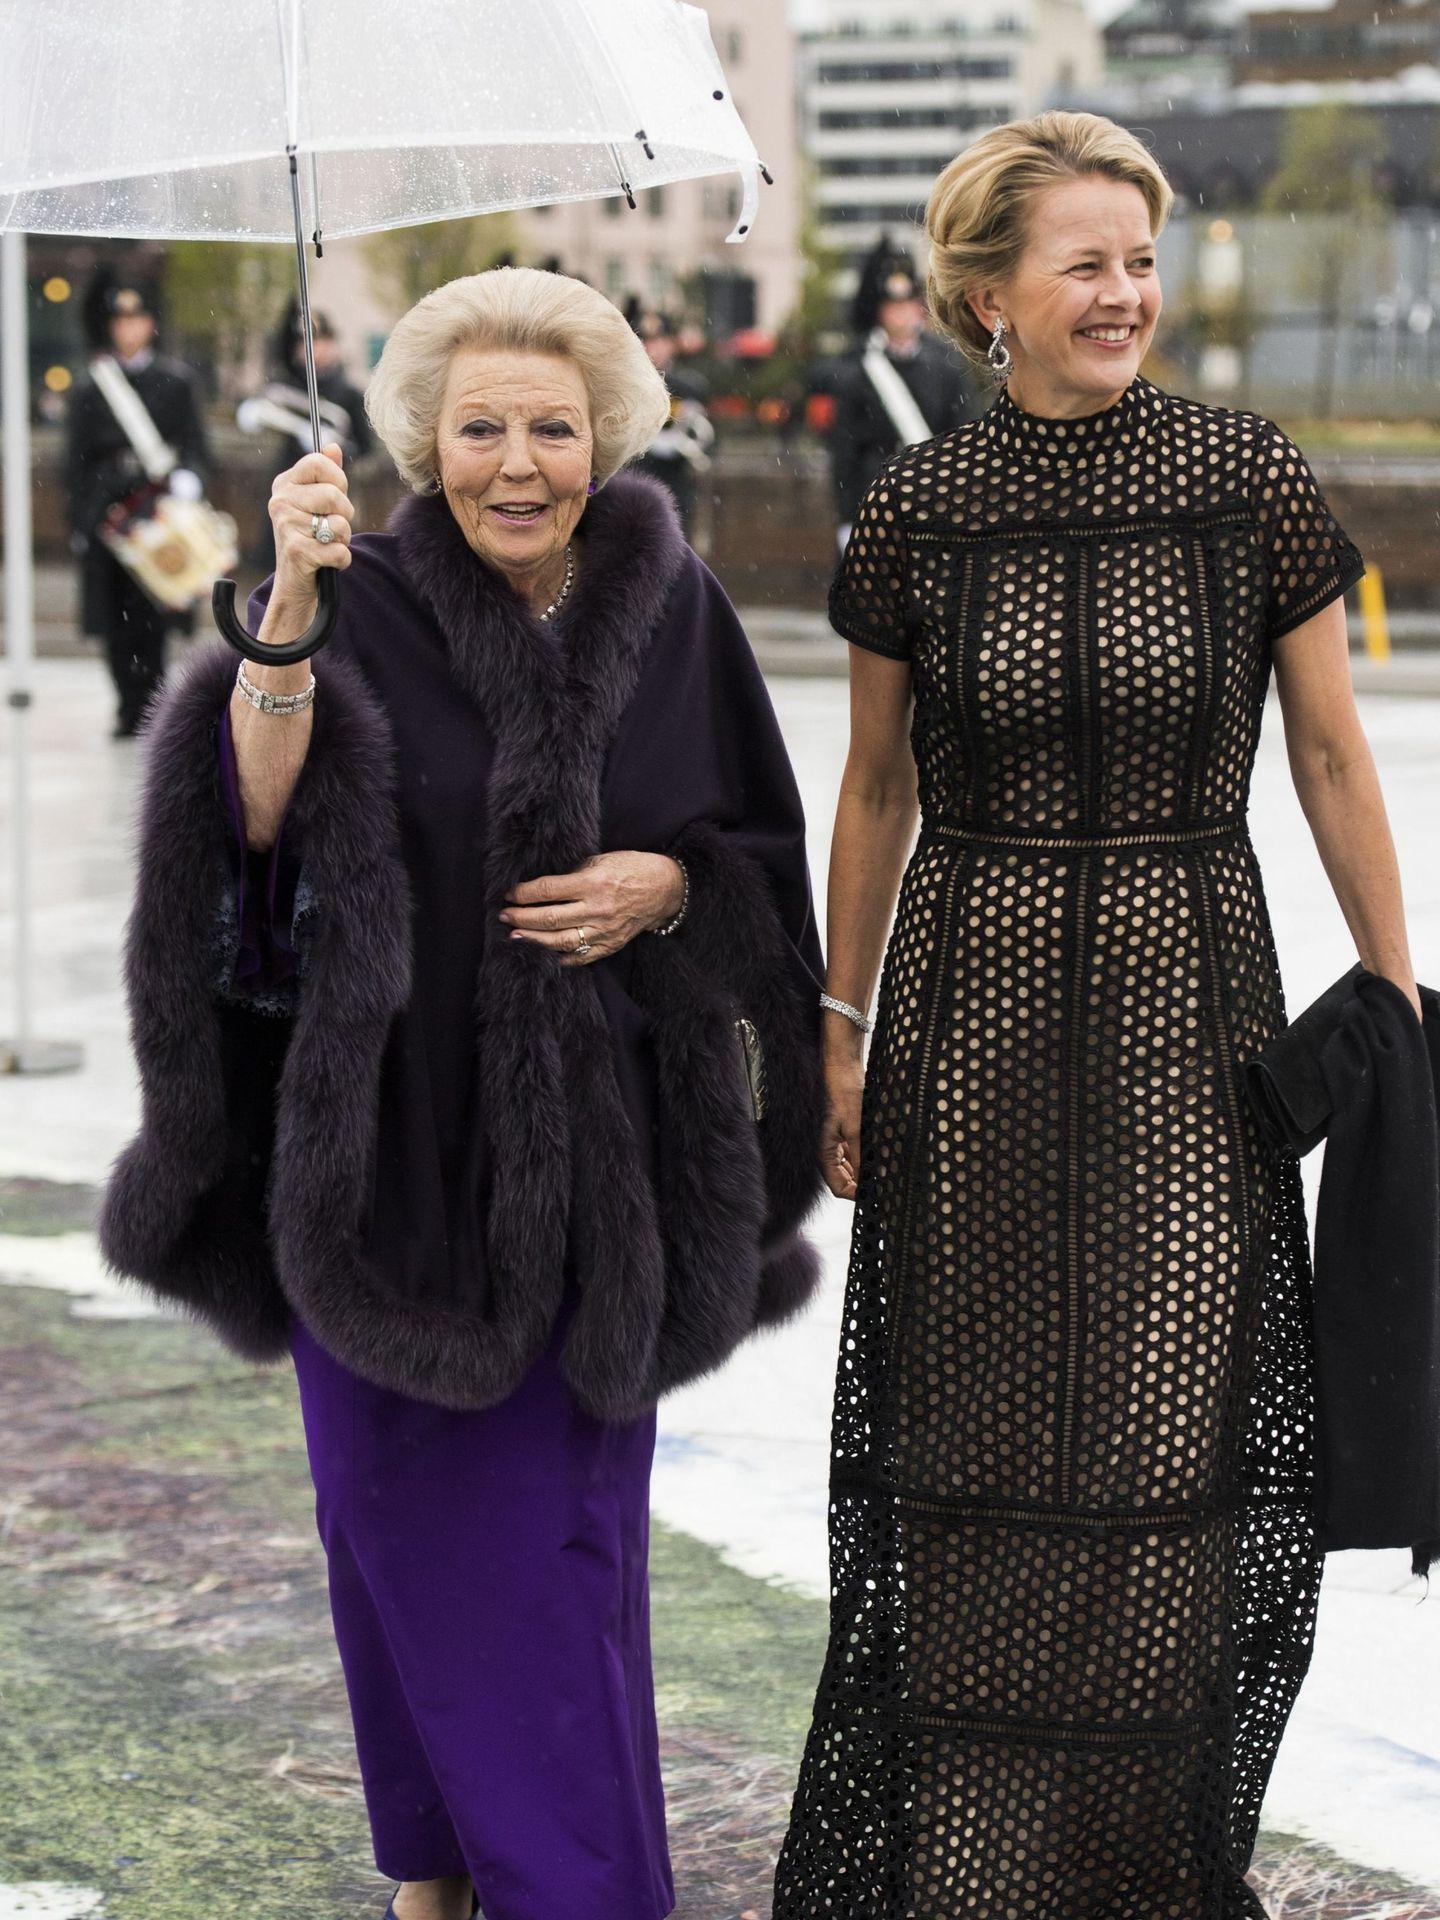 Mabel de Holanda con la reina Beatriz, en el 80 cumpleaños del rey Harald de Noruega. (EFE)